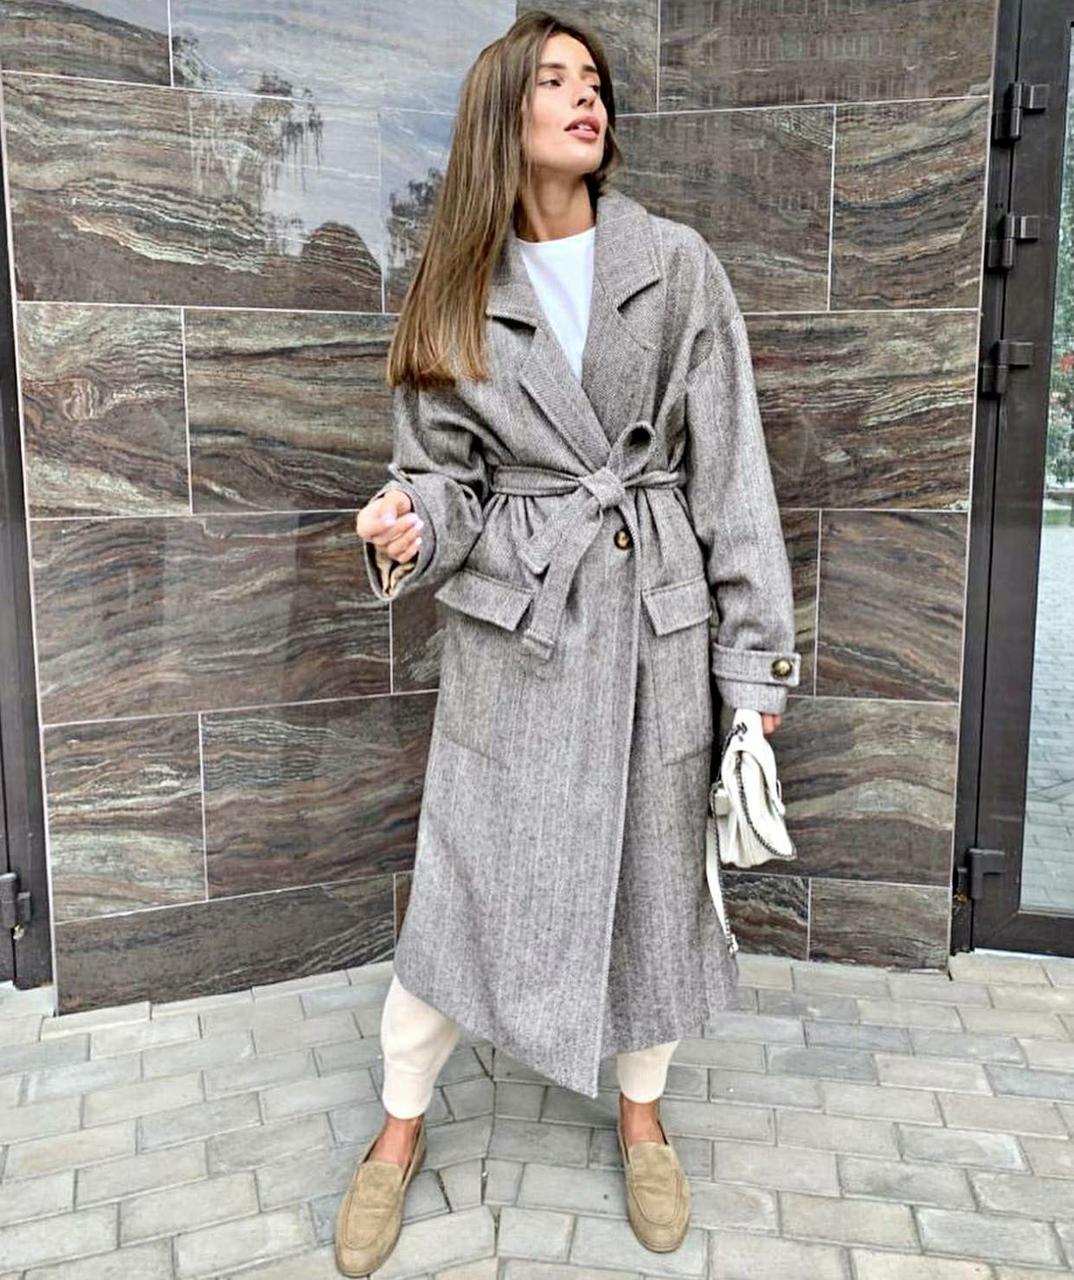 Женское Пальто серое на запах под пояс длиной ниже колен из полушерсти (р. 42 - 46) 37pt162